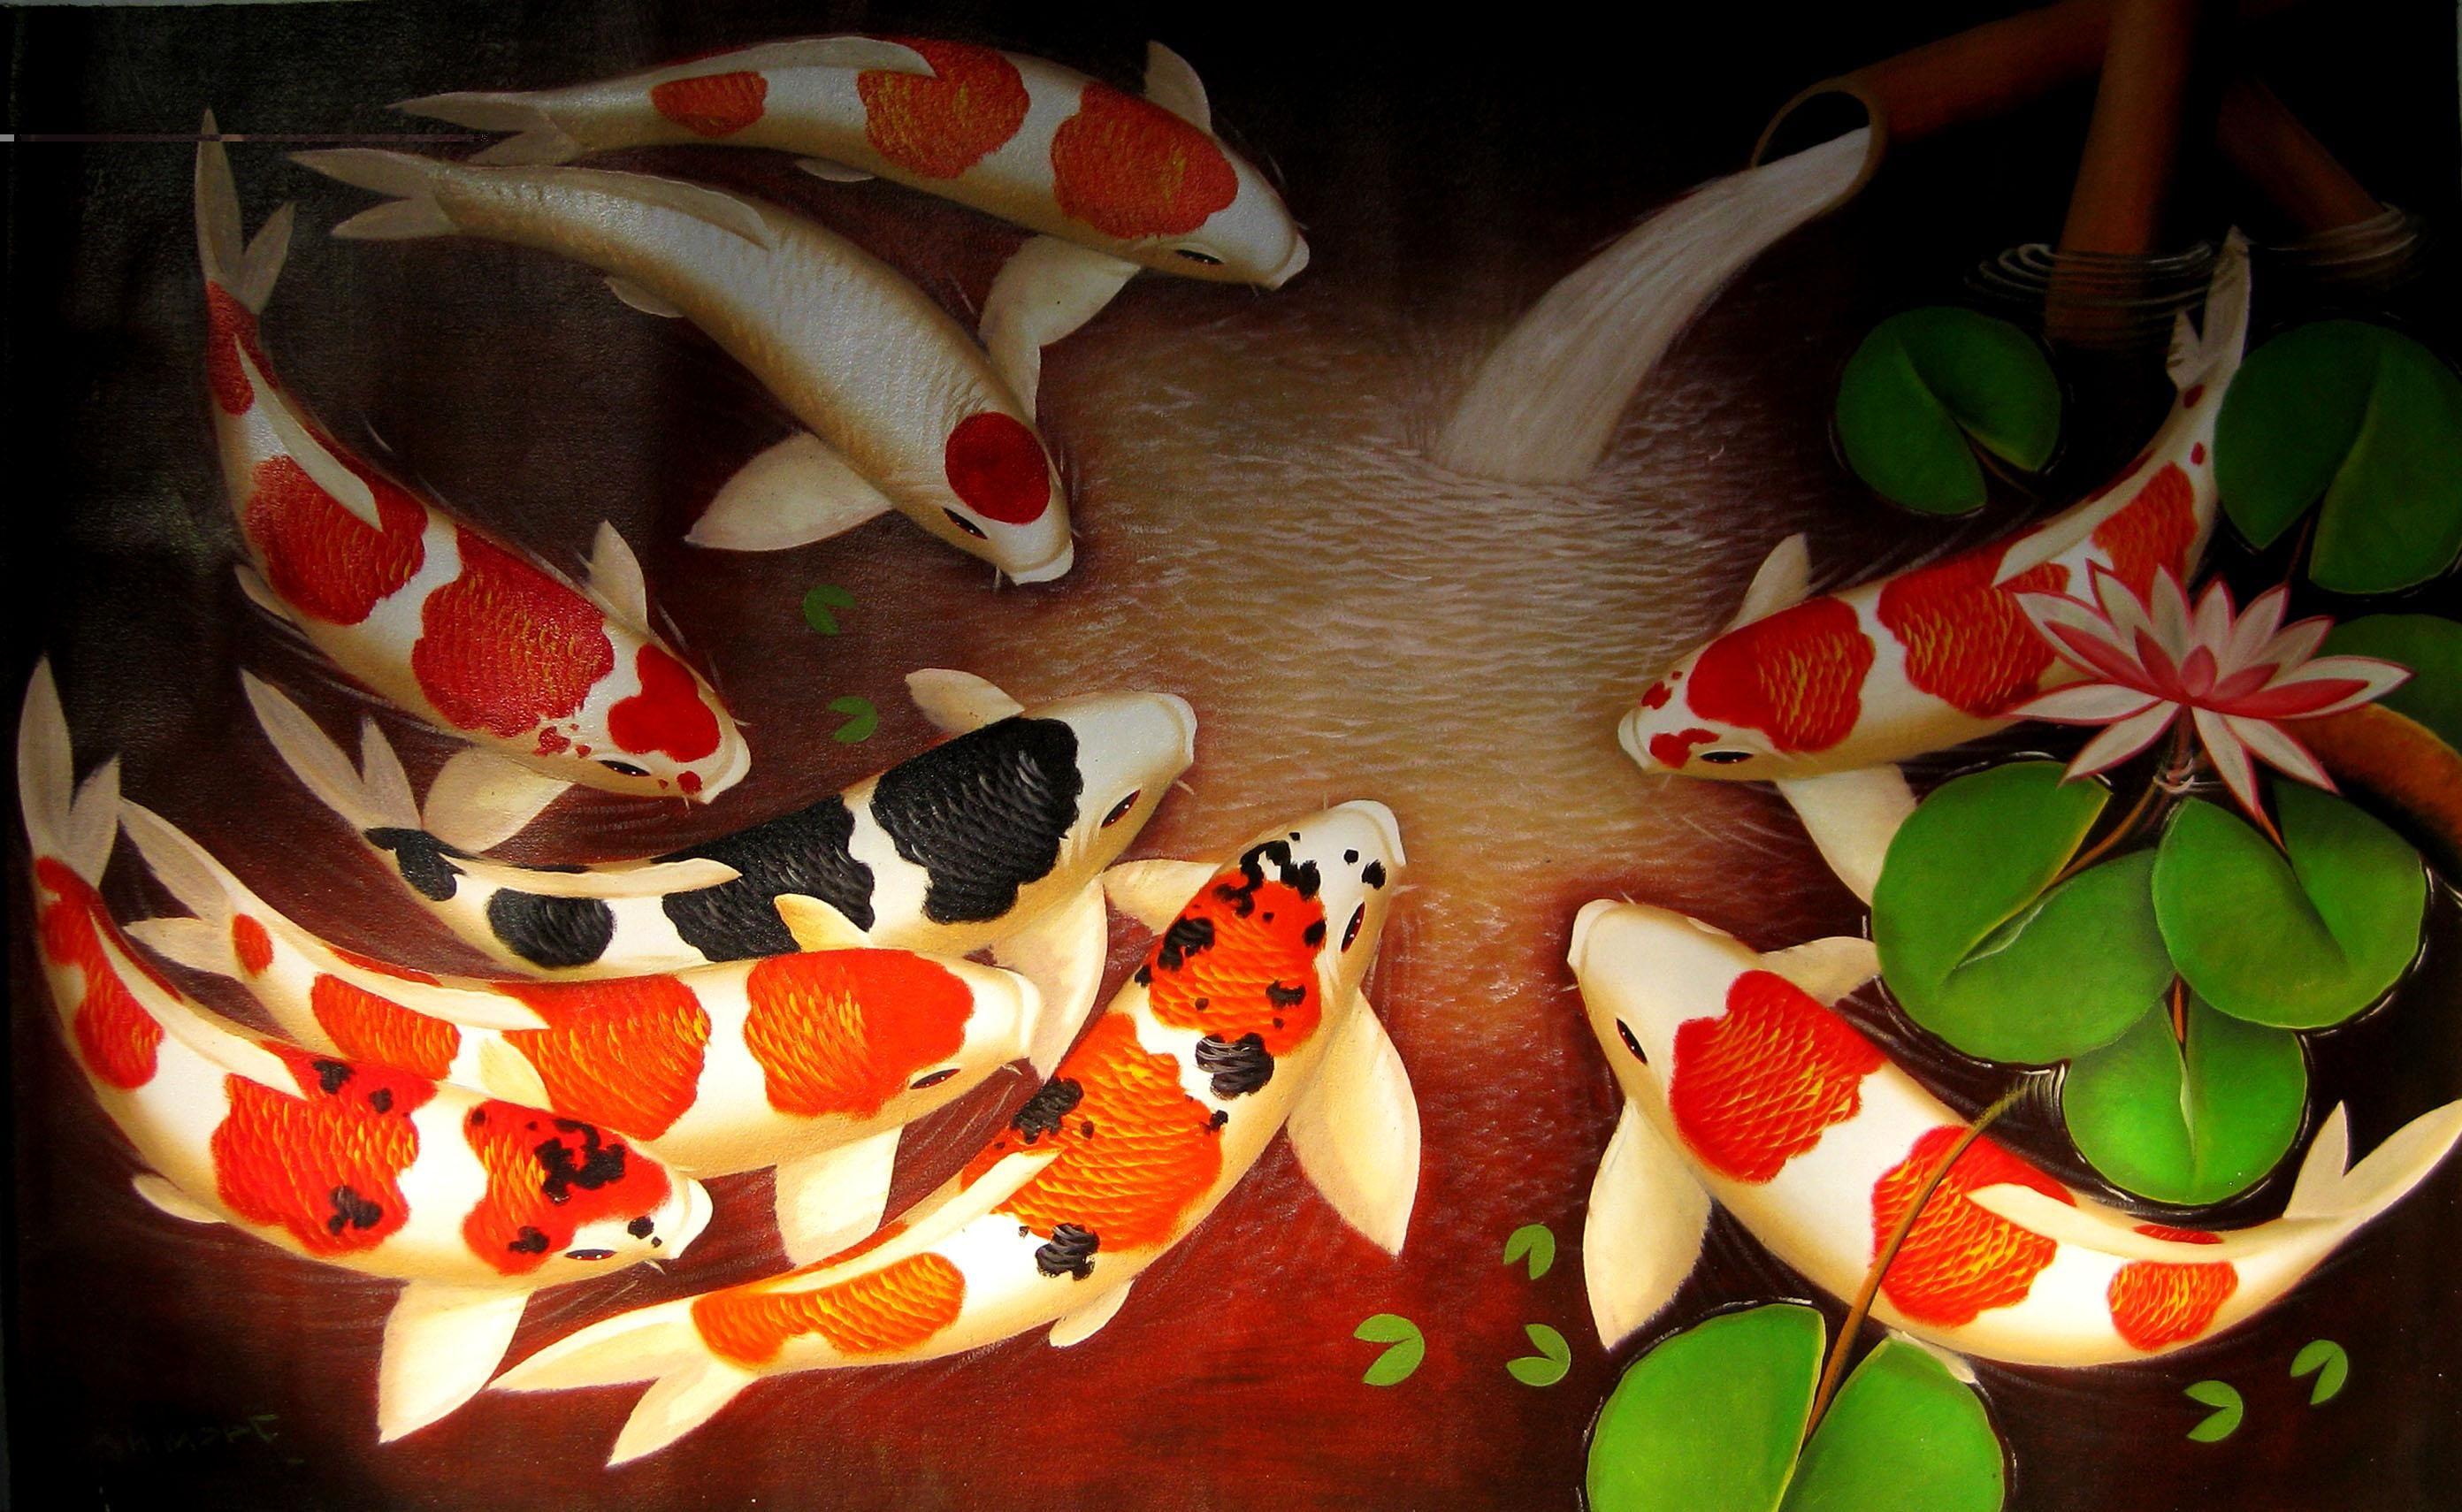 9 ส ตว มงคง เสร มฮวงจ ยบ าน หม ปลา ไก